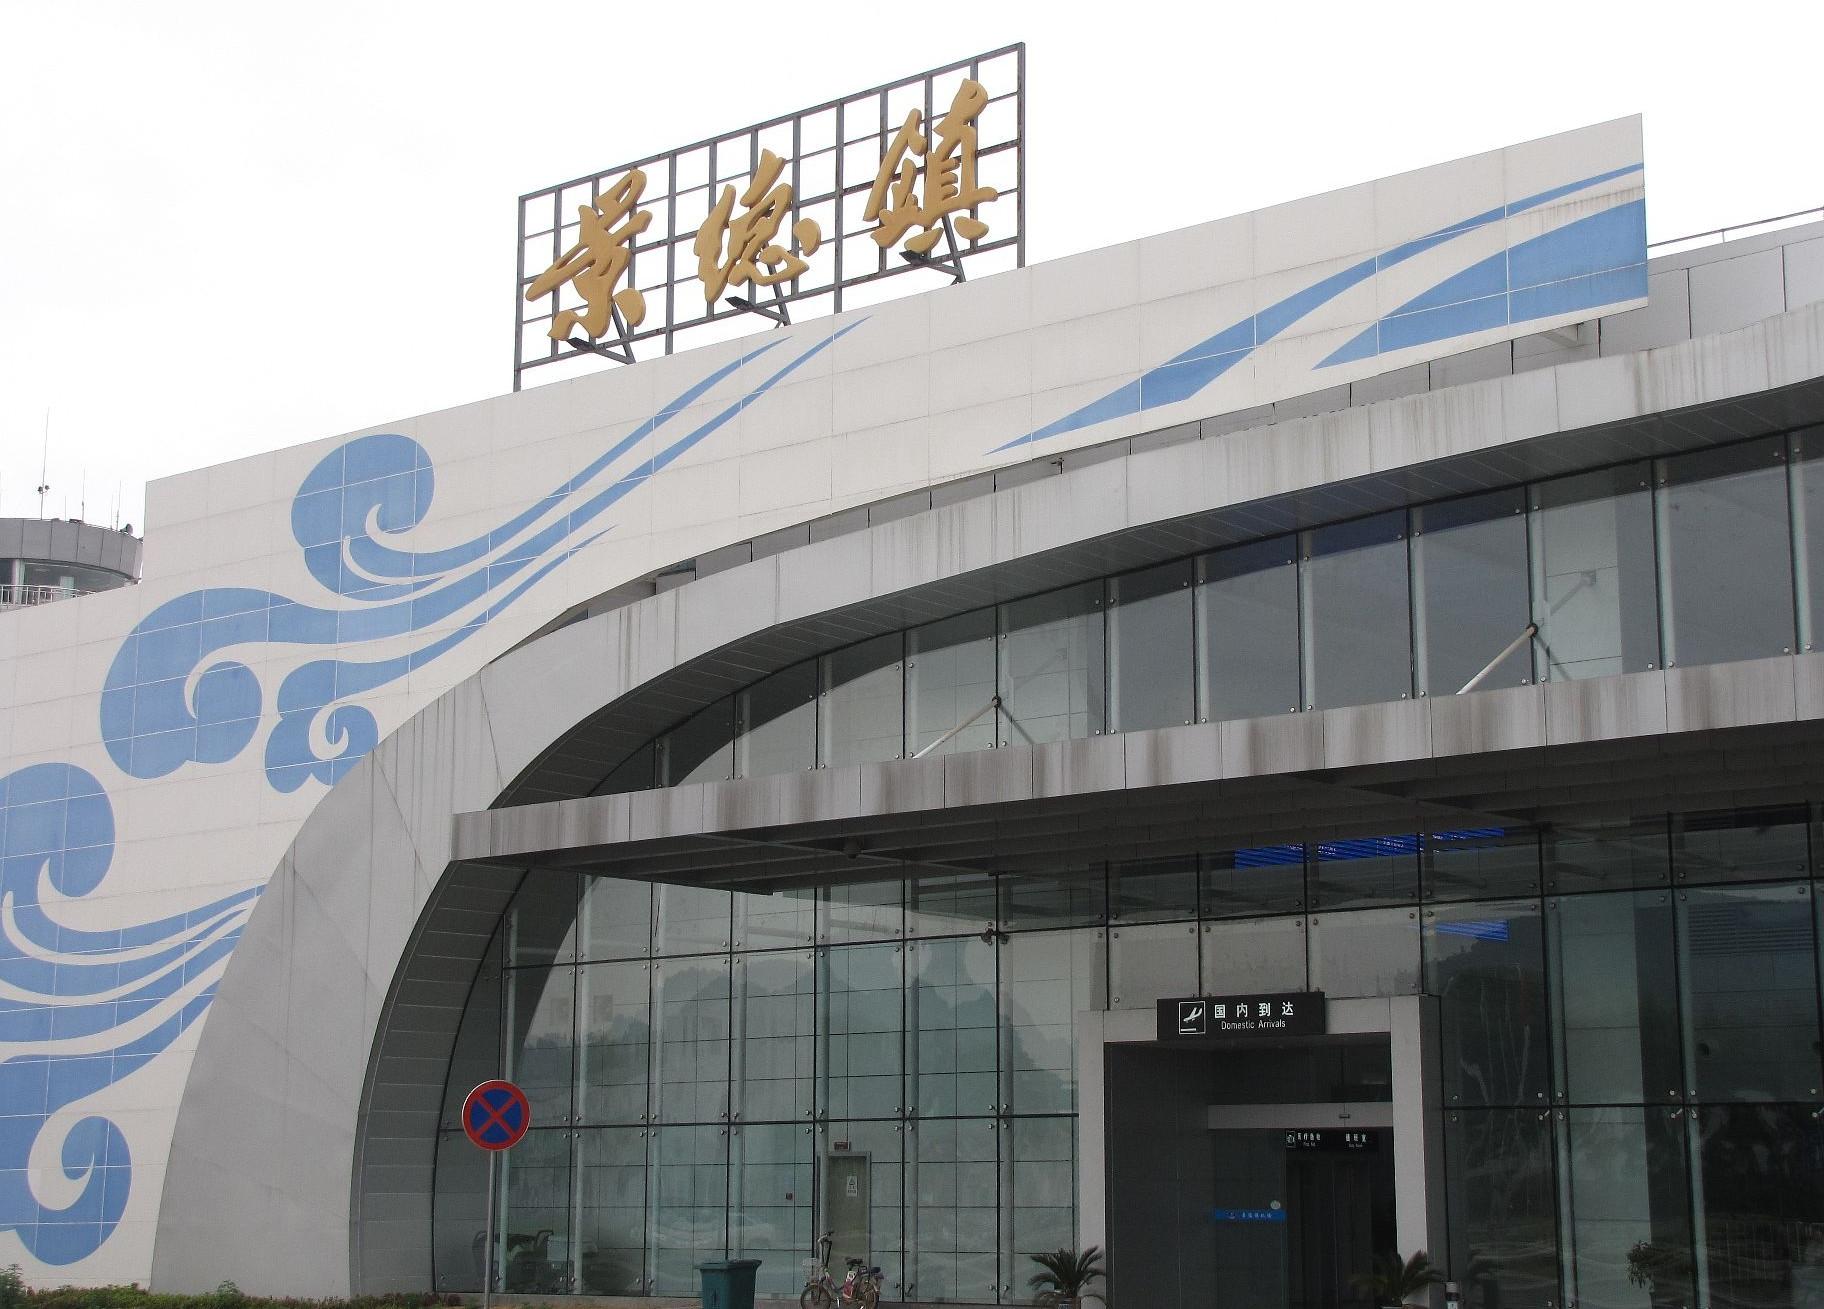 深圳b737—700型飞机首航深圳—景德镇—上海航班